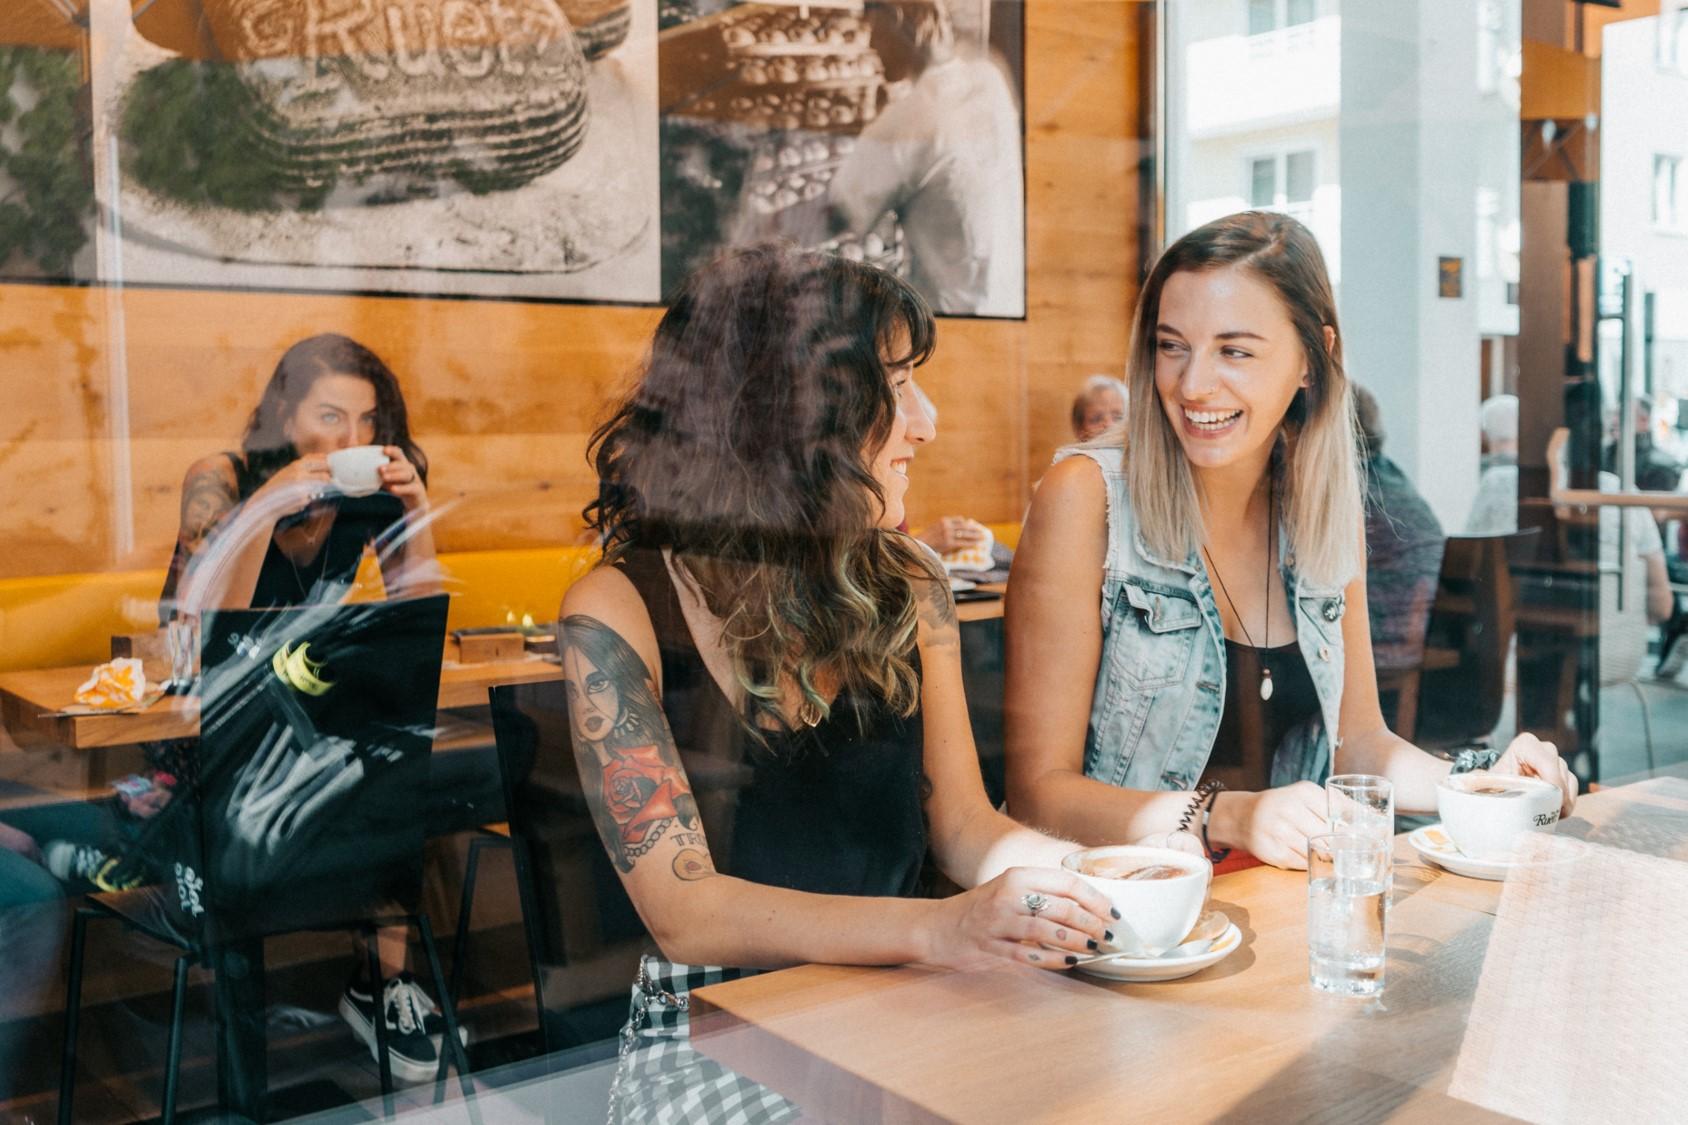 Genussvolle Momente in einem der vielen Cafes von Wörgl